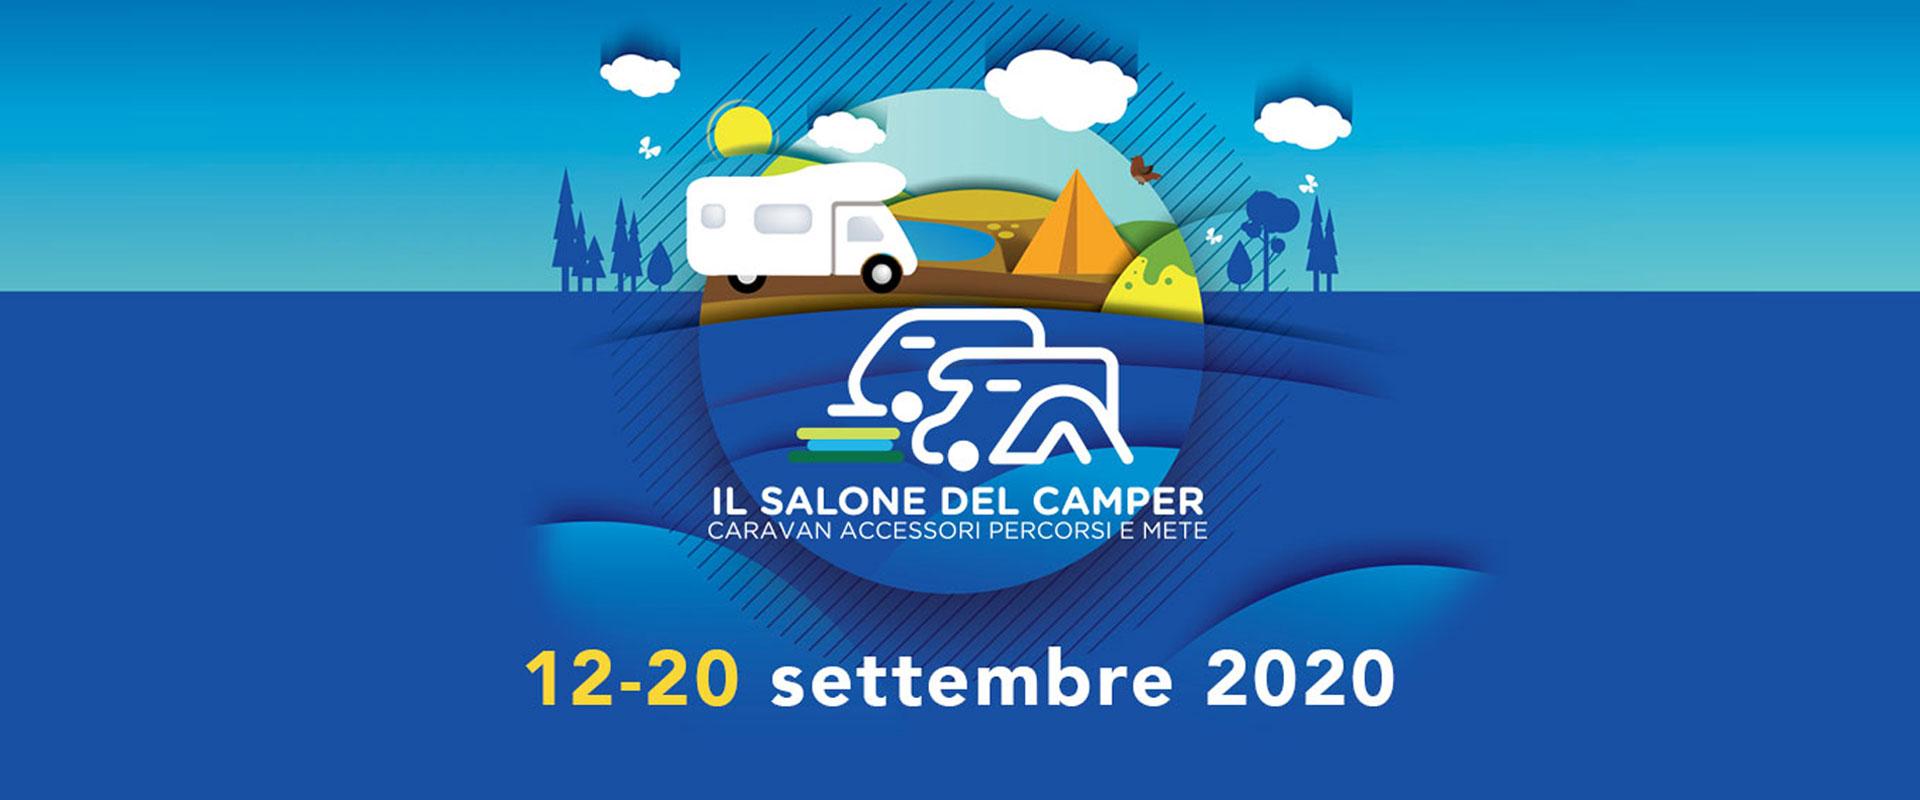 Salone del Camper 2020: 12 - 20 settembre, Fiere di Parma